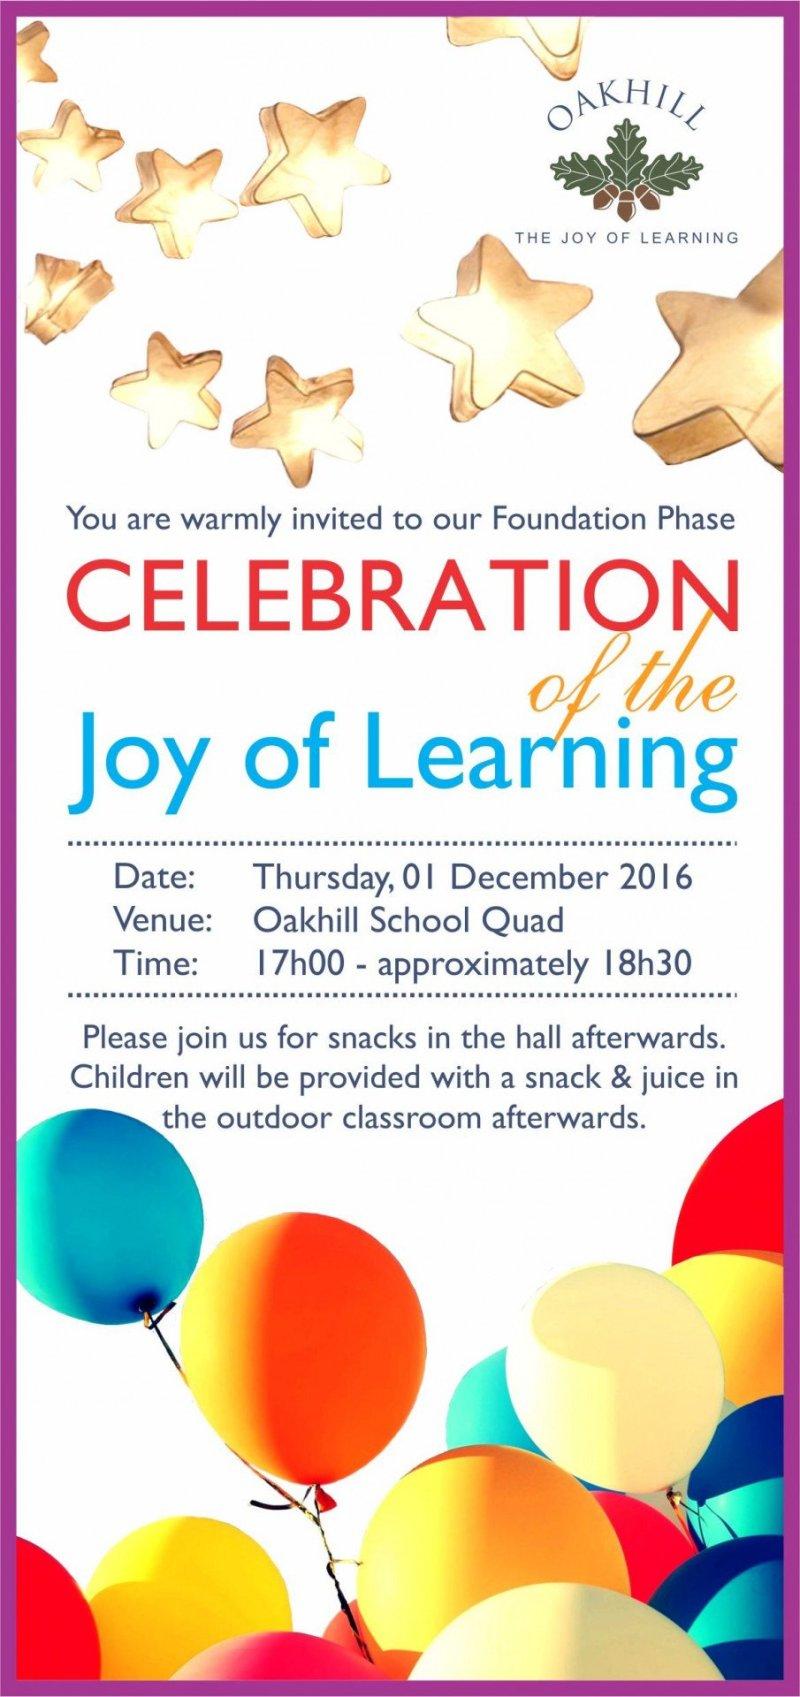 fp-celebration-of-the-joy-of-learning-2016